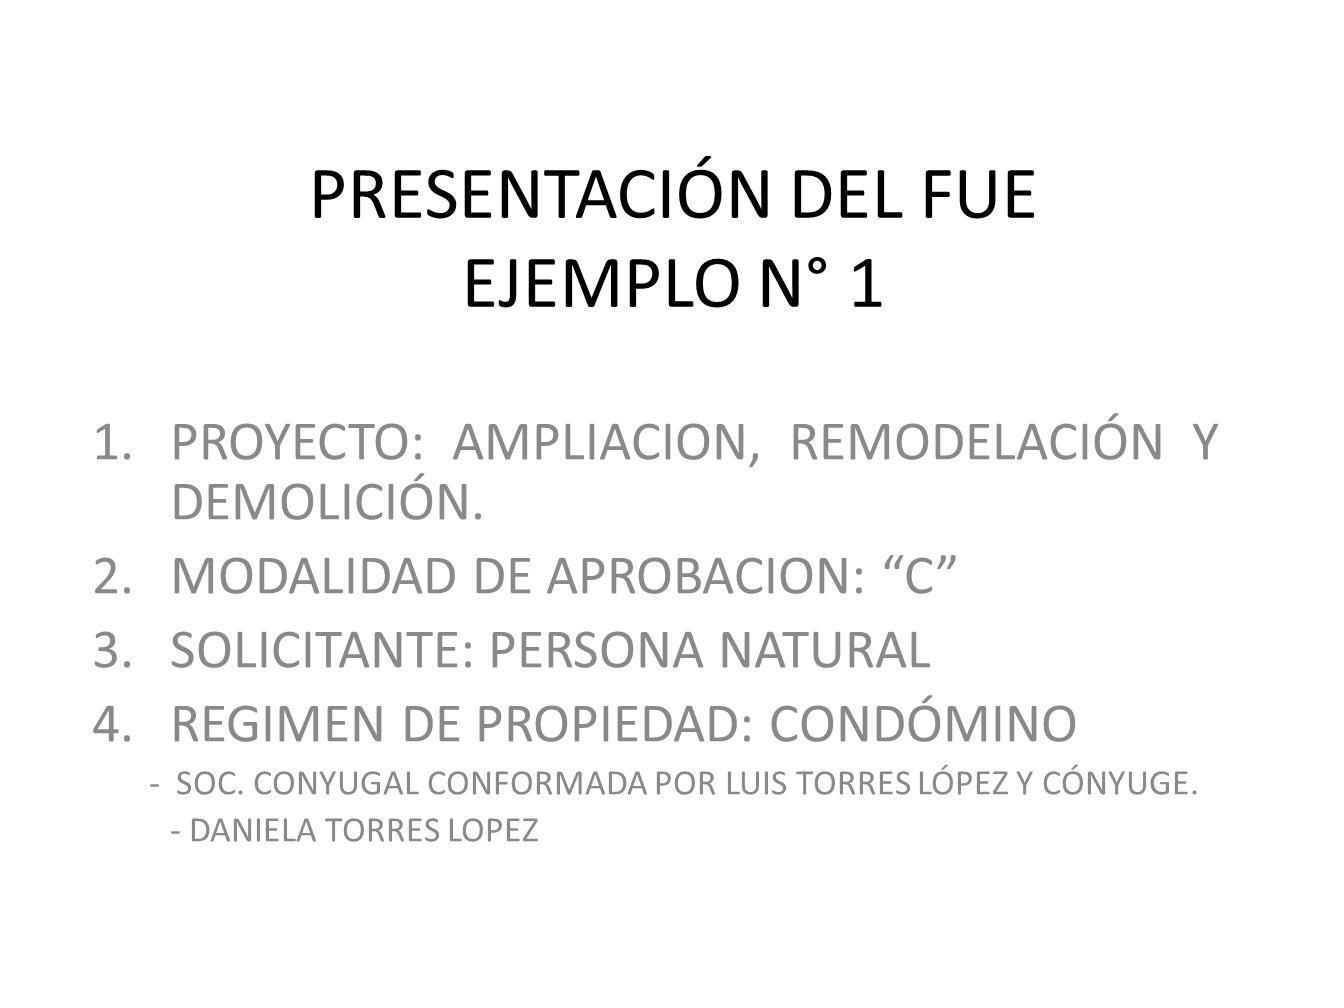 ESTE FORMULARIO SE PRESENTA CUANDO EXISTEN CONDOMINOS DE PERSONAS JURIDICAS CONSIGNAR LA FIRMA DE EL(LOS) PROPIETARIO(S), EN CADA UNA DE LAS HOJAS CONSIGNAR LA FIRMA DEL PROFESIONAL RESPONSABLE DE OBRA CADA UNA DE LAS HOJAS LA MOLINA CONSIGNAR EL NOMBRE DEL CONDOMINO QUE FIRMA EL F.U.E.